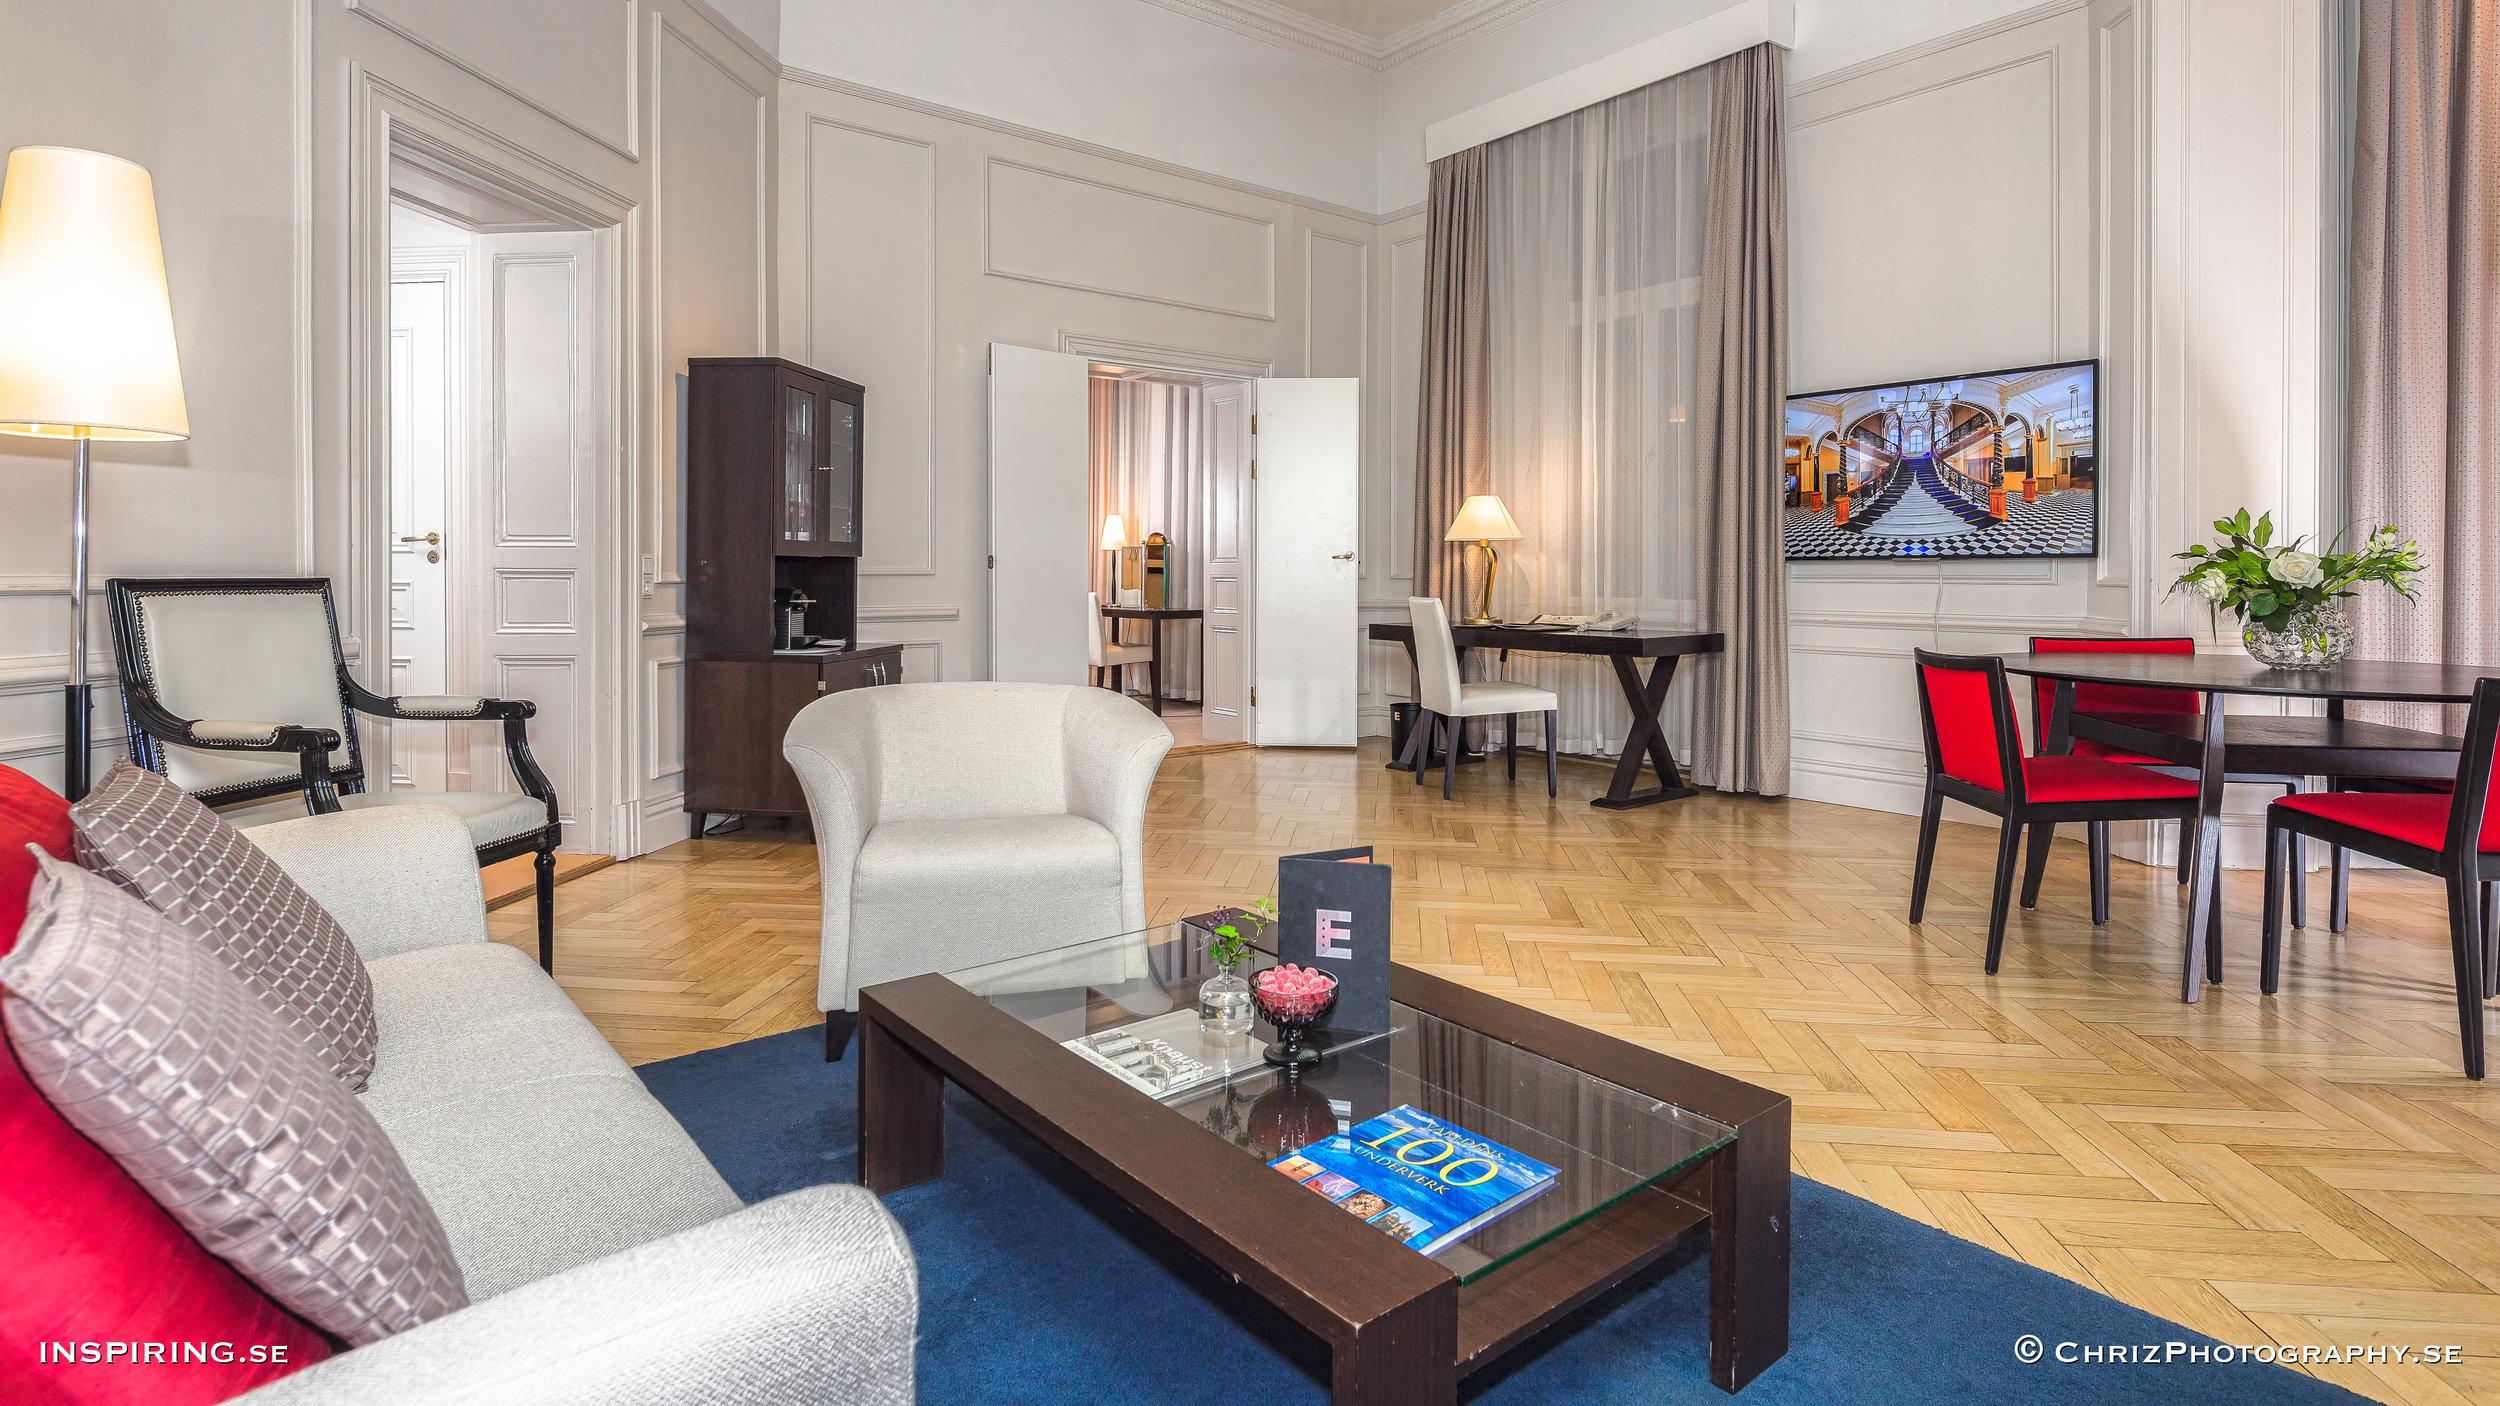 Elite_Hotel_Knaust_Inspiring.se_copyright_ChrizPhotography.se_44.jpg